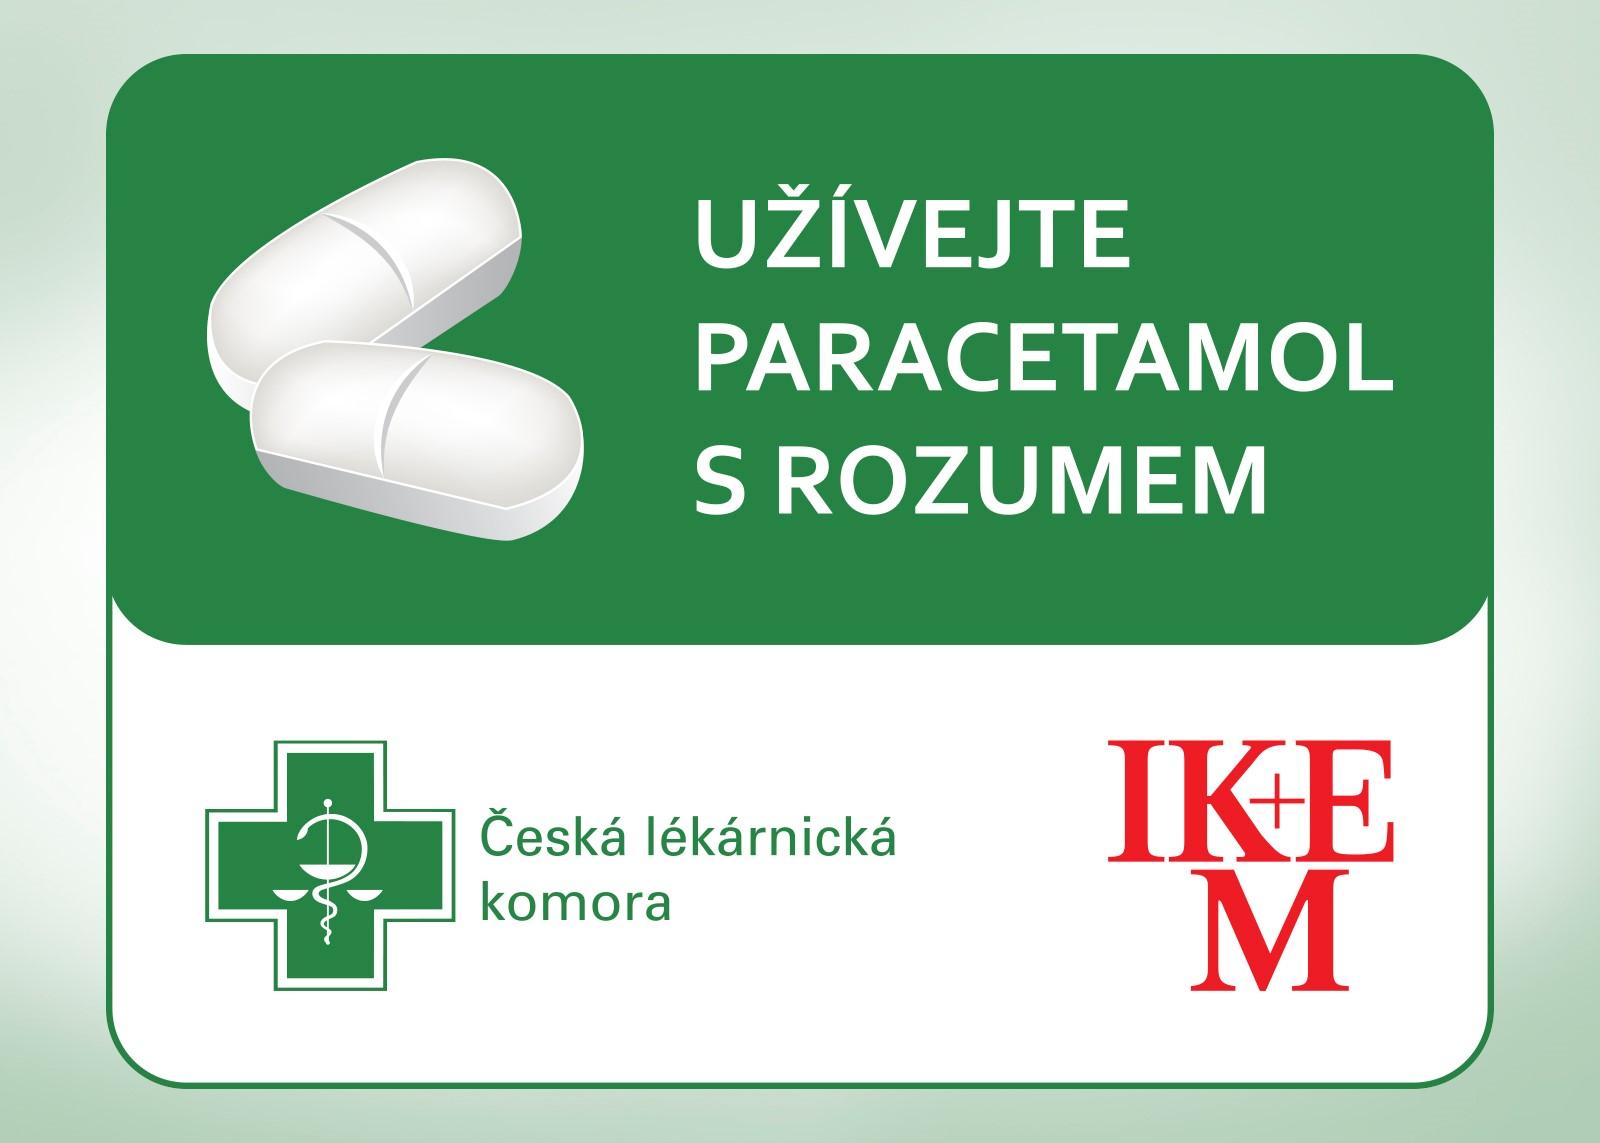 logo-paracetamol-s-rozumem.jpg